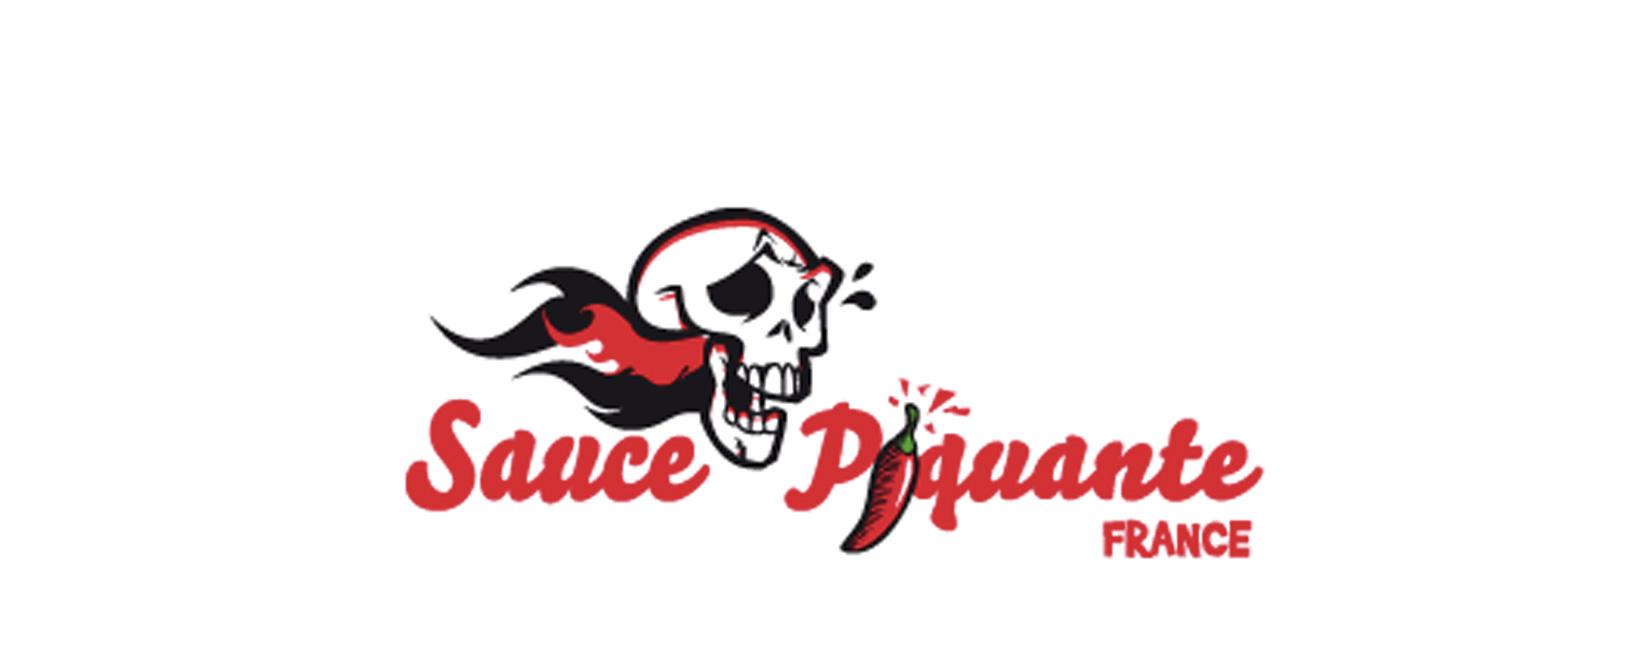 Distributeur de piment, de sauces piquantes et barbecue